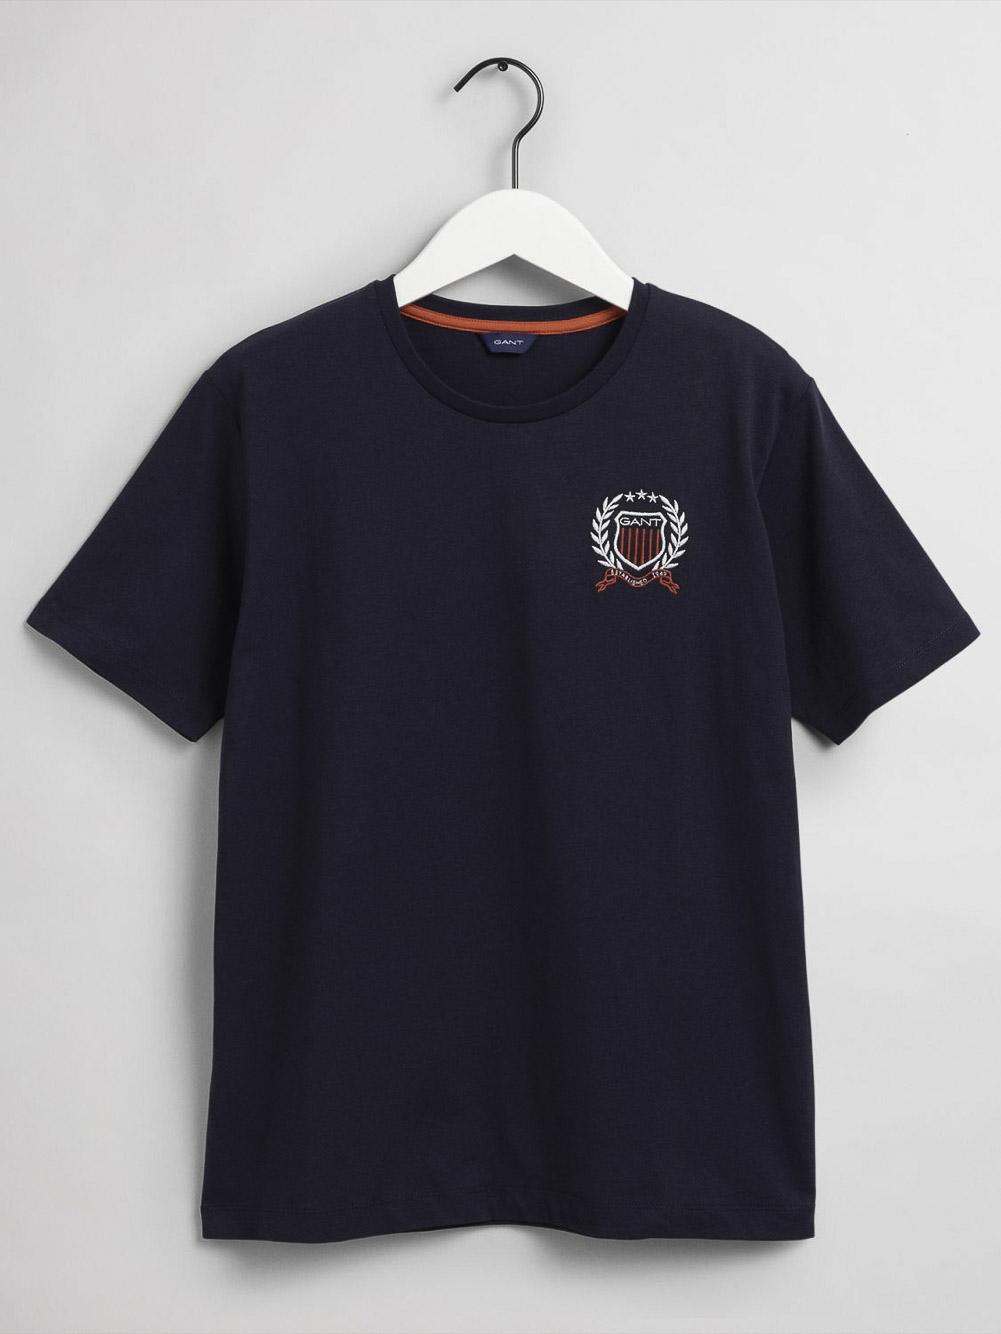 GANT Μπλούζα t-shirt 3G905187-433 ΣΚΟΥΡΟ ΜΠΛΕ